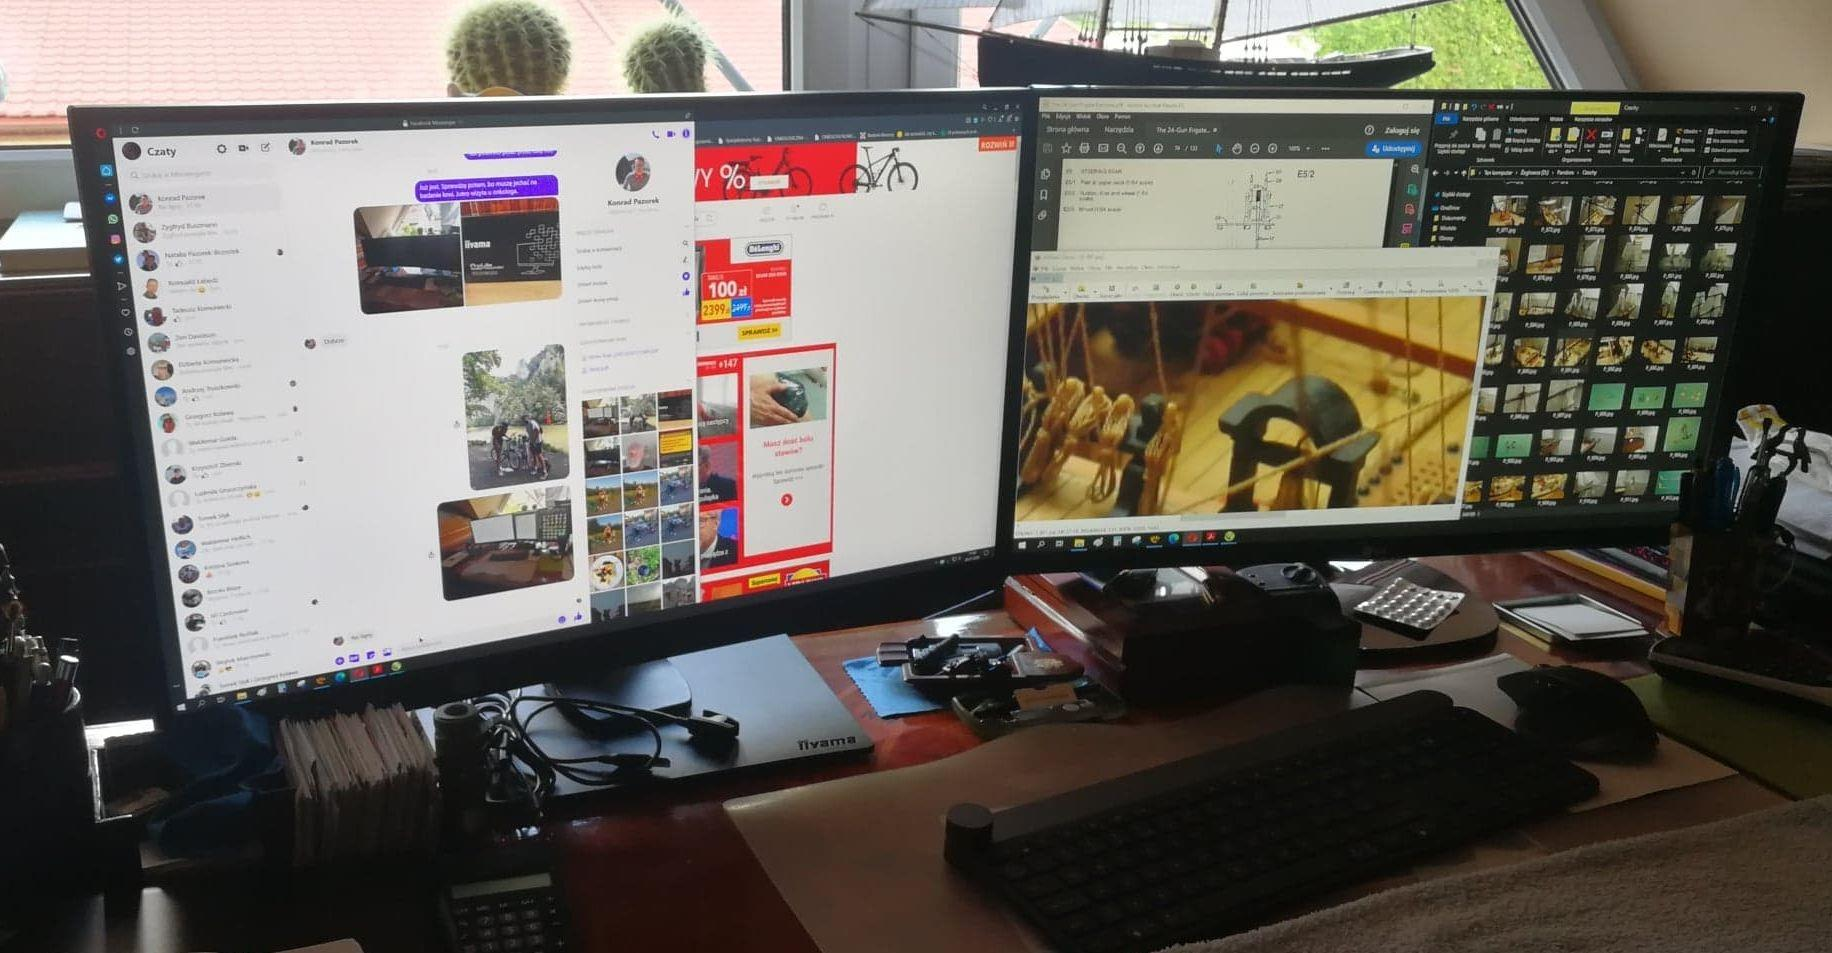 iiyama ProLite XUB2792UHSU - Beste keus voor de prijs - monitor voor fotobewerking